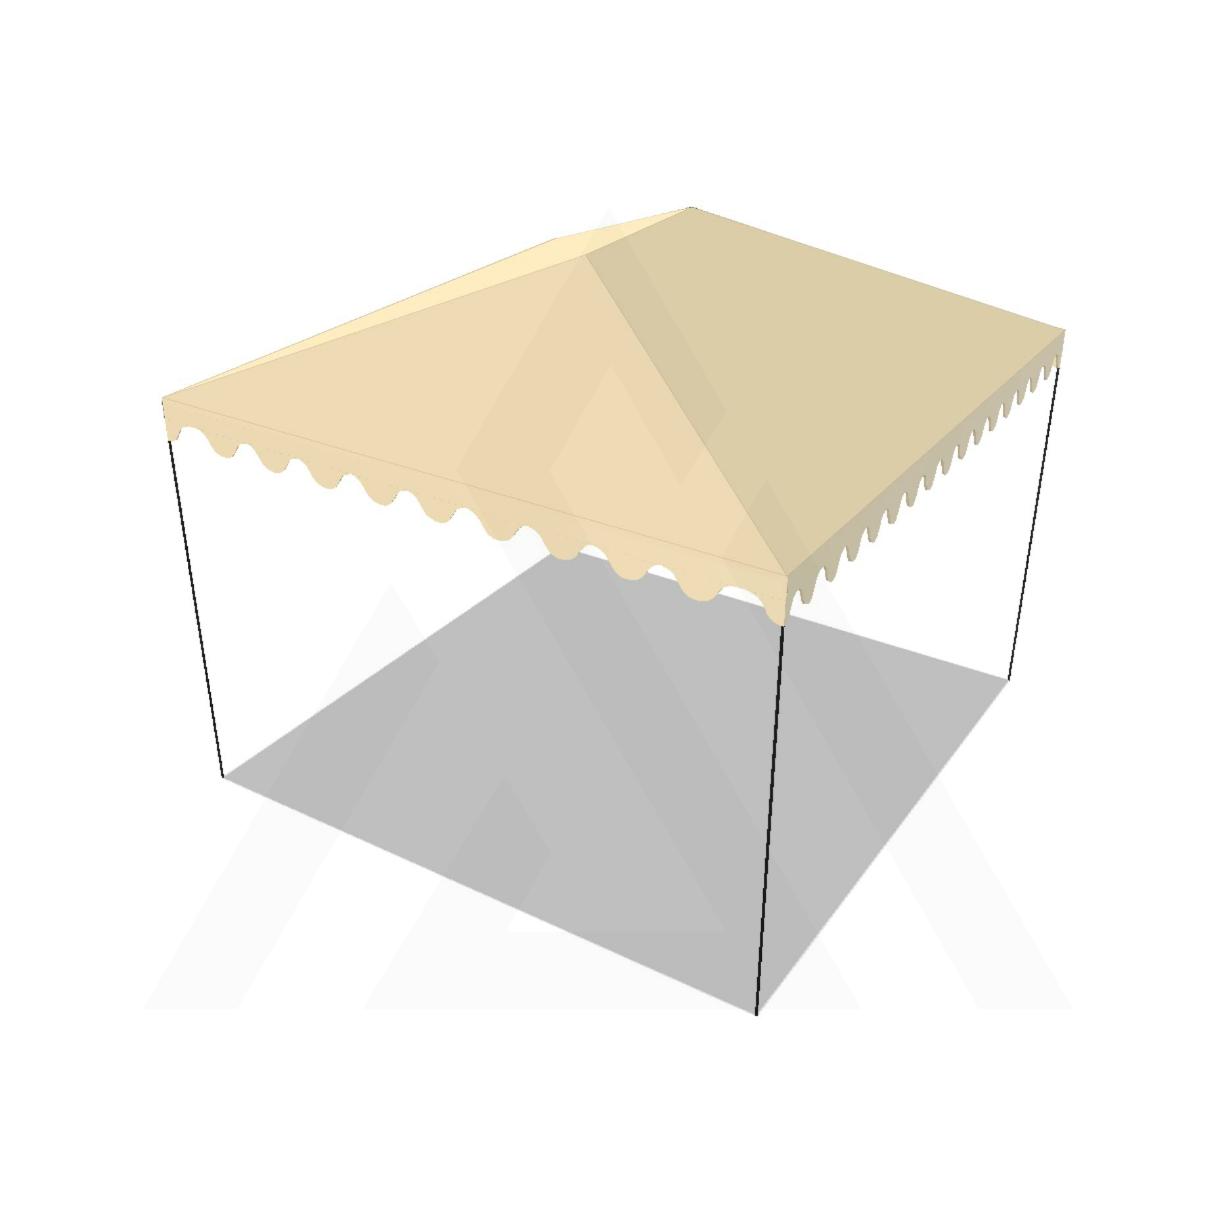 Bâche tonnelle carrée 4 pentes avec faîtage